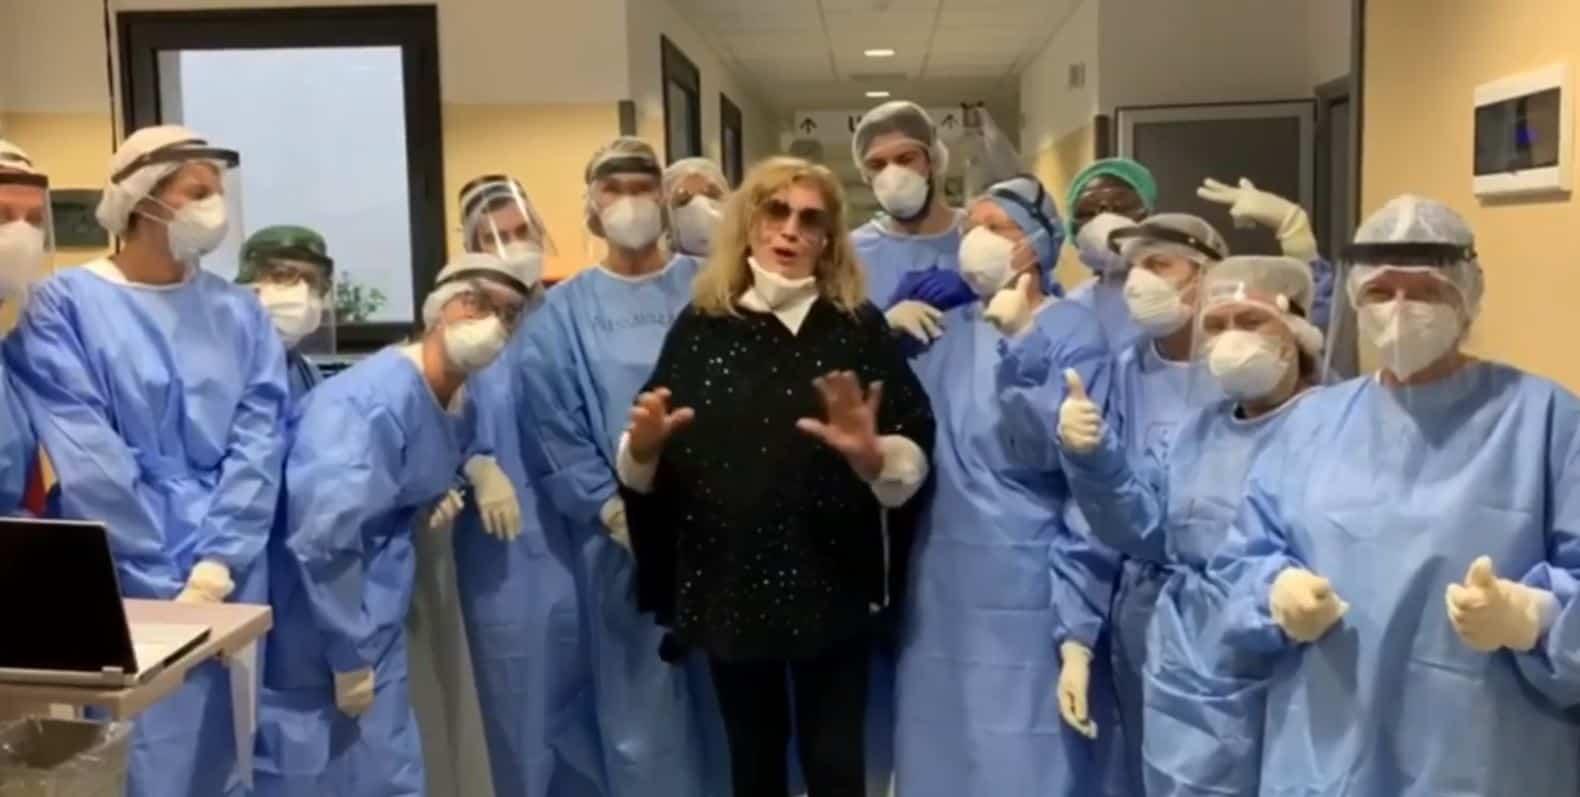 Iva Zanicchi lascia l'ospedale e ringrazia i medici con un dolcissimo video sui social